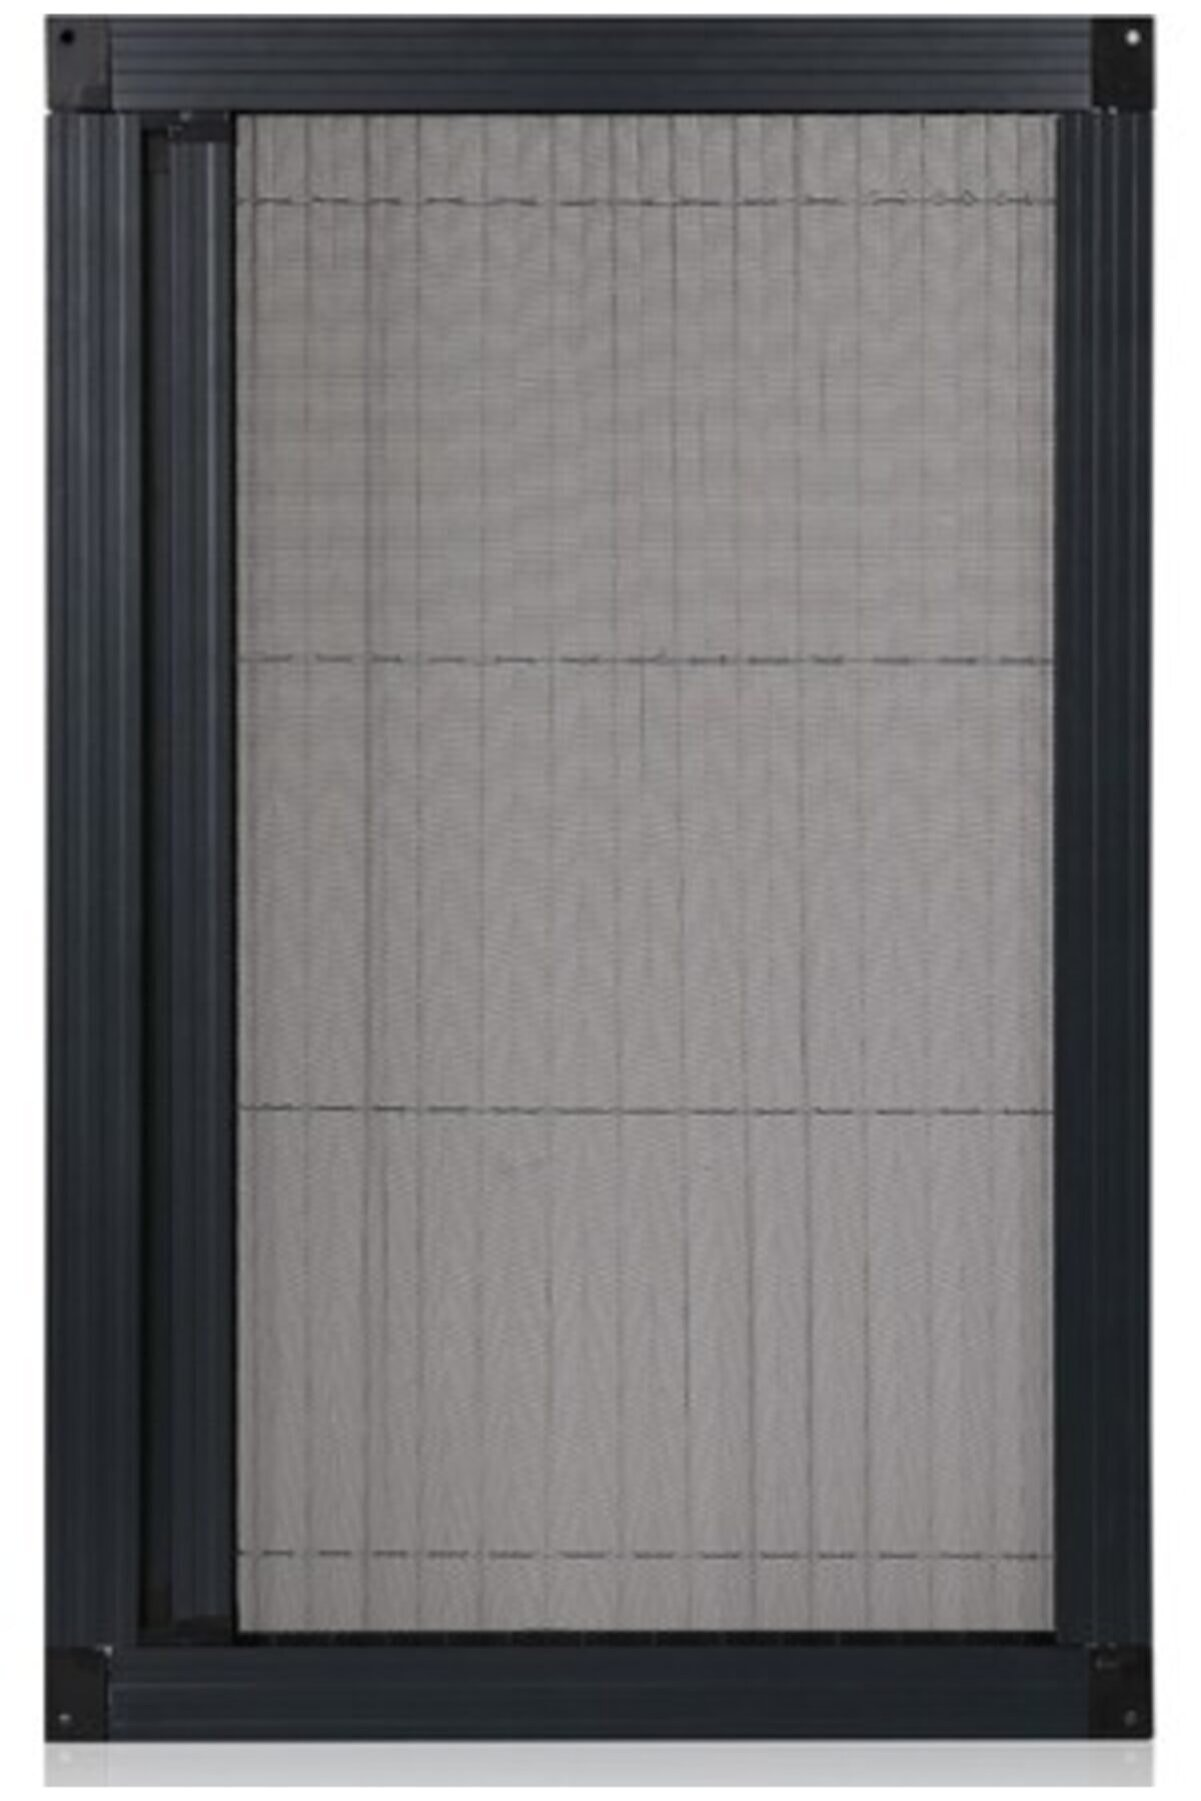 KARABEYOĞULLARI Antrasit Siyah Plise Sineklik Akordiyon Sürgülü Pileli Sineklik Kapı Ve Pencere 40-60x40-60